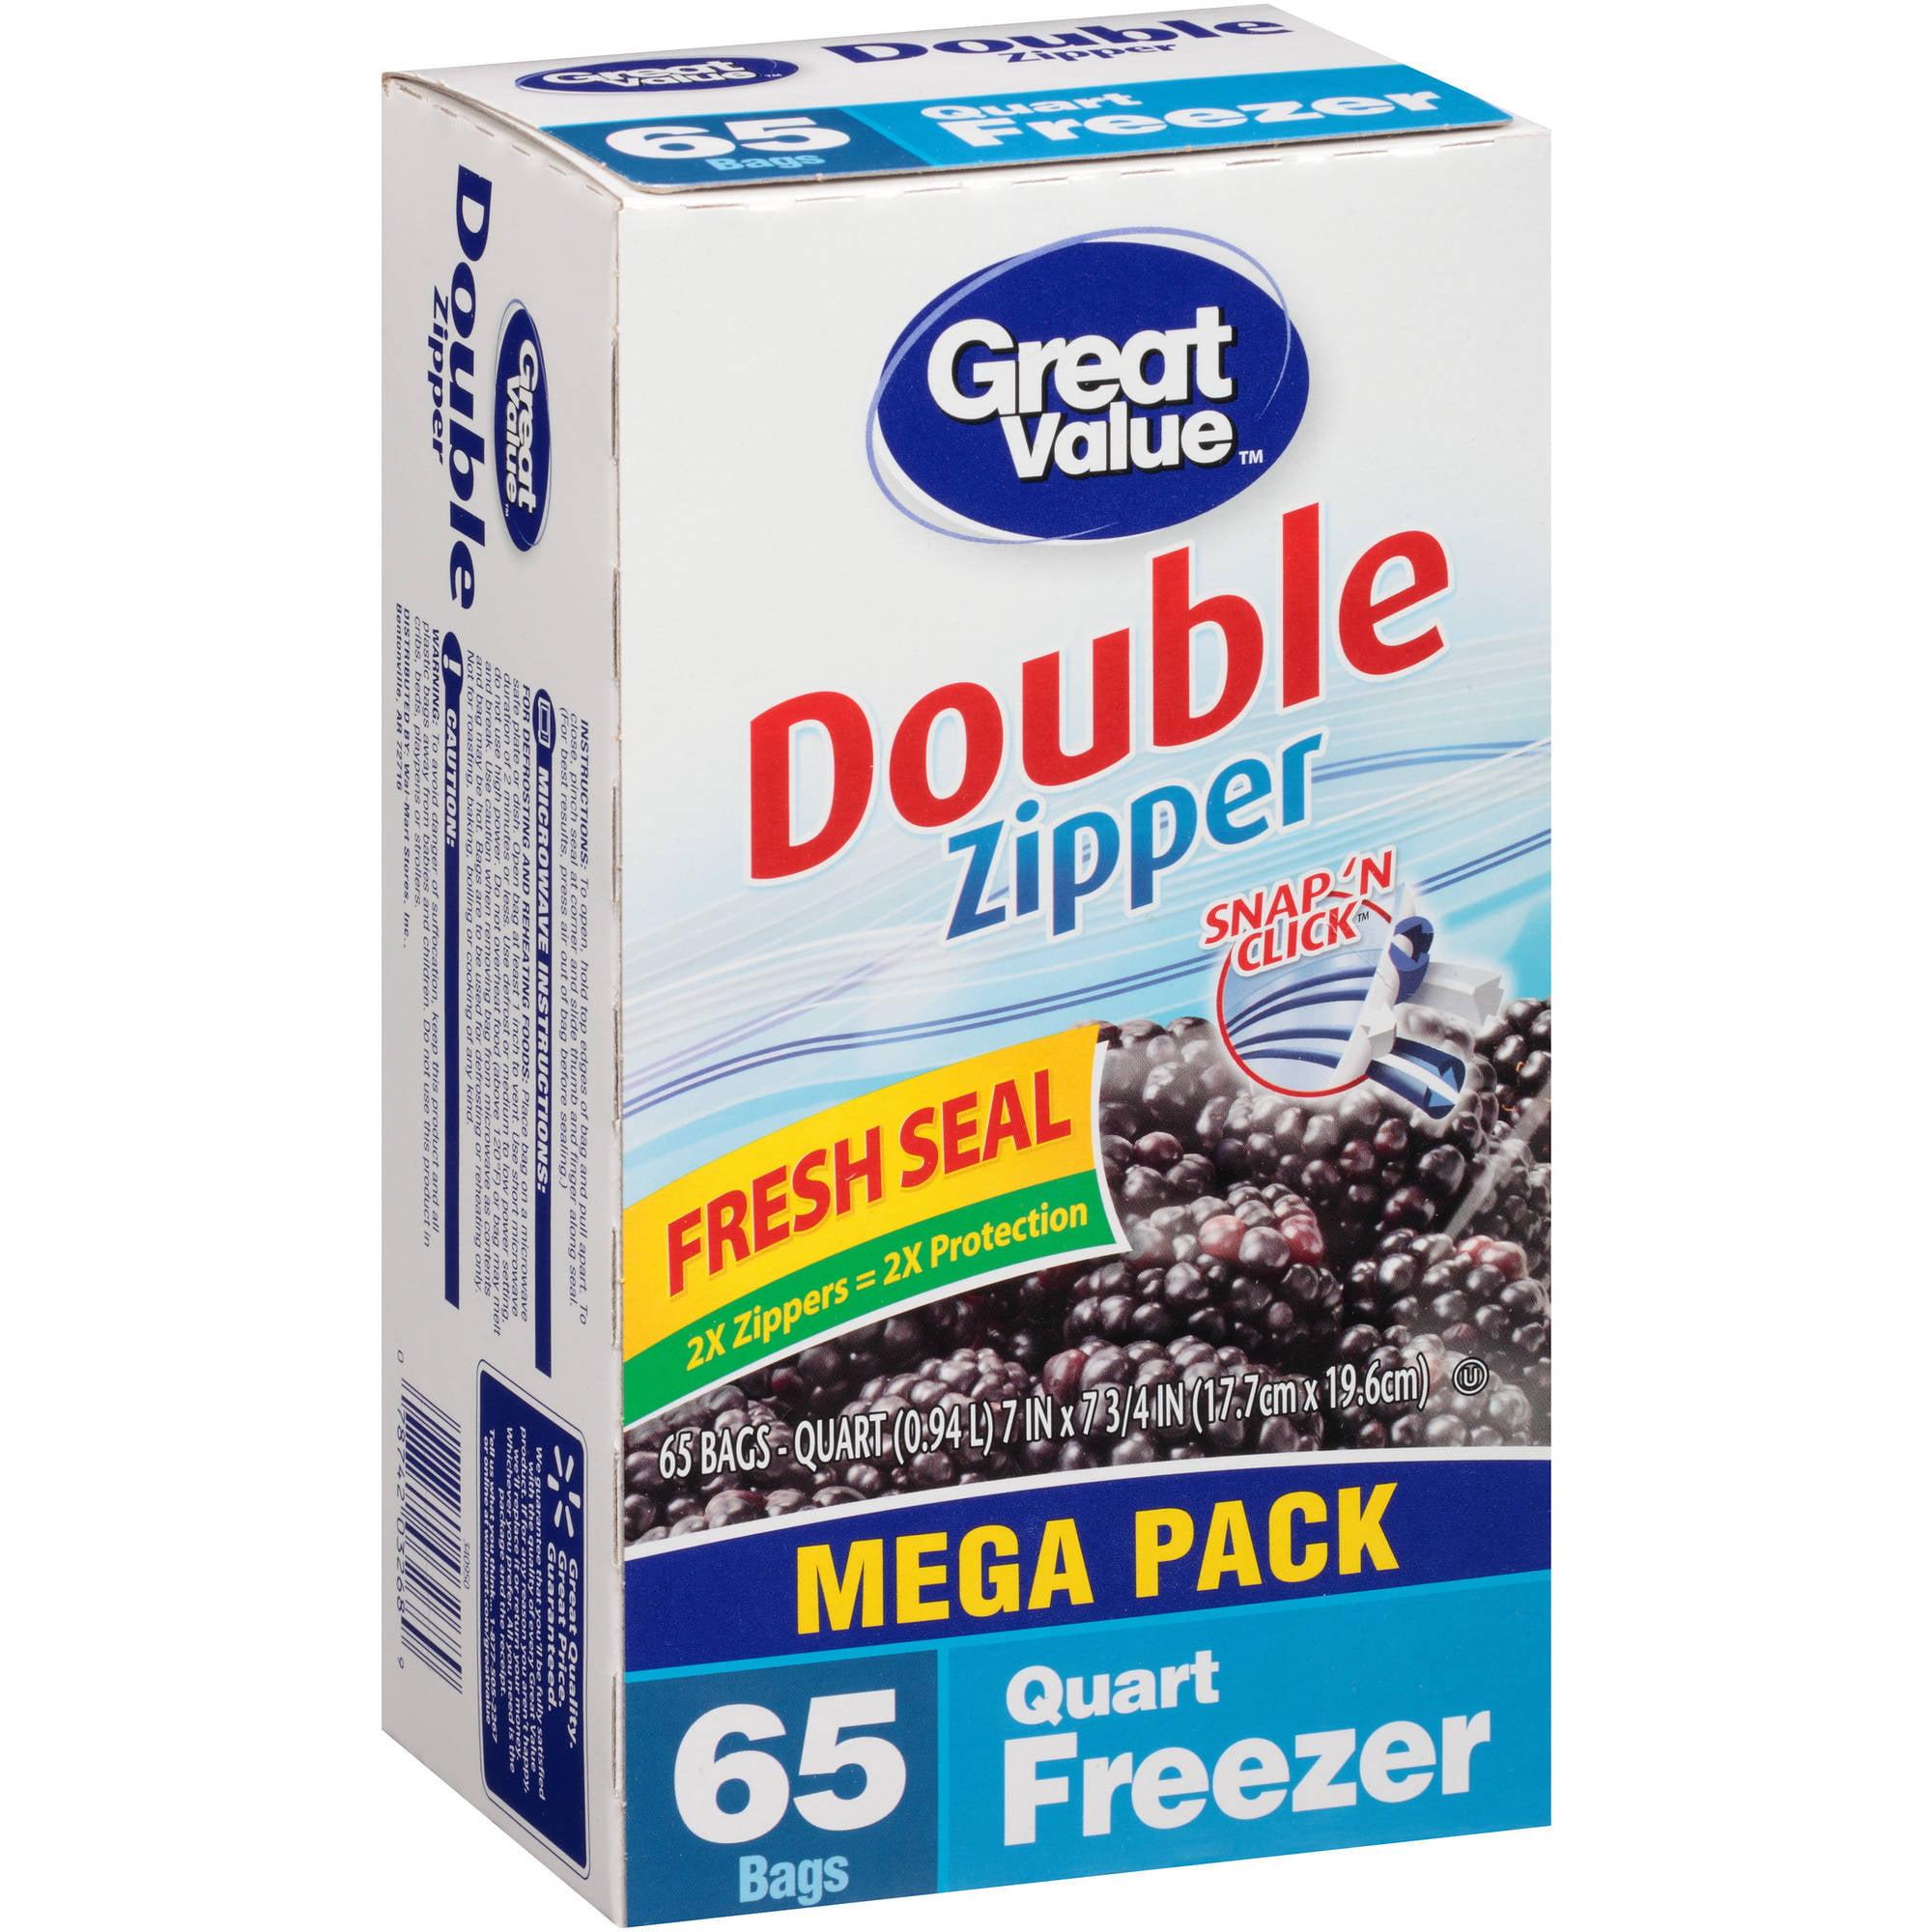 Great Value Double Zipper Freezer Bags, Quart, 65 count